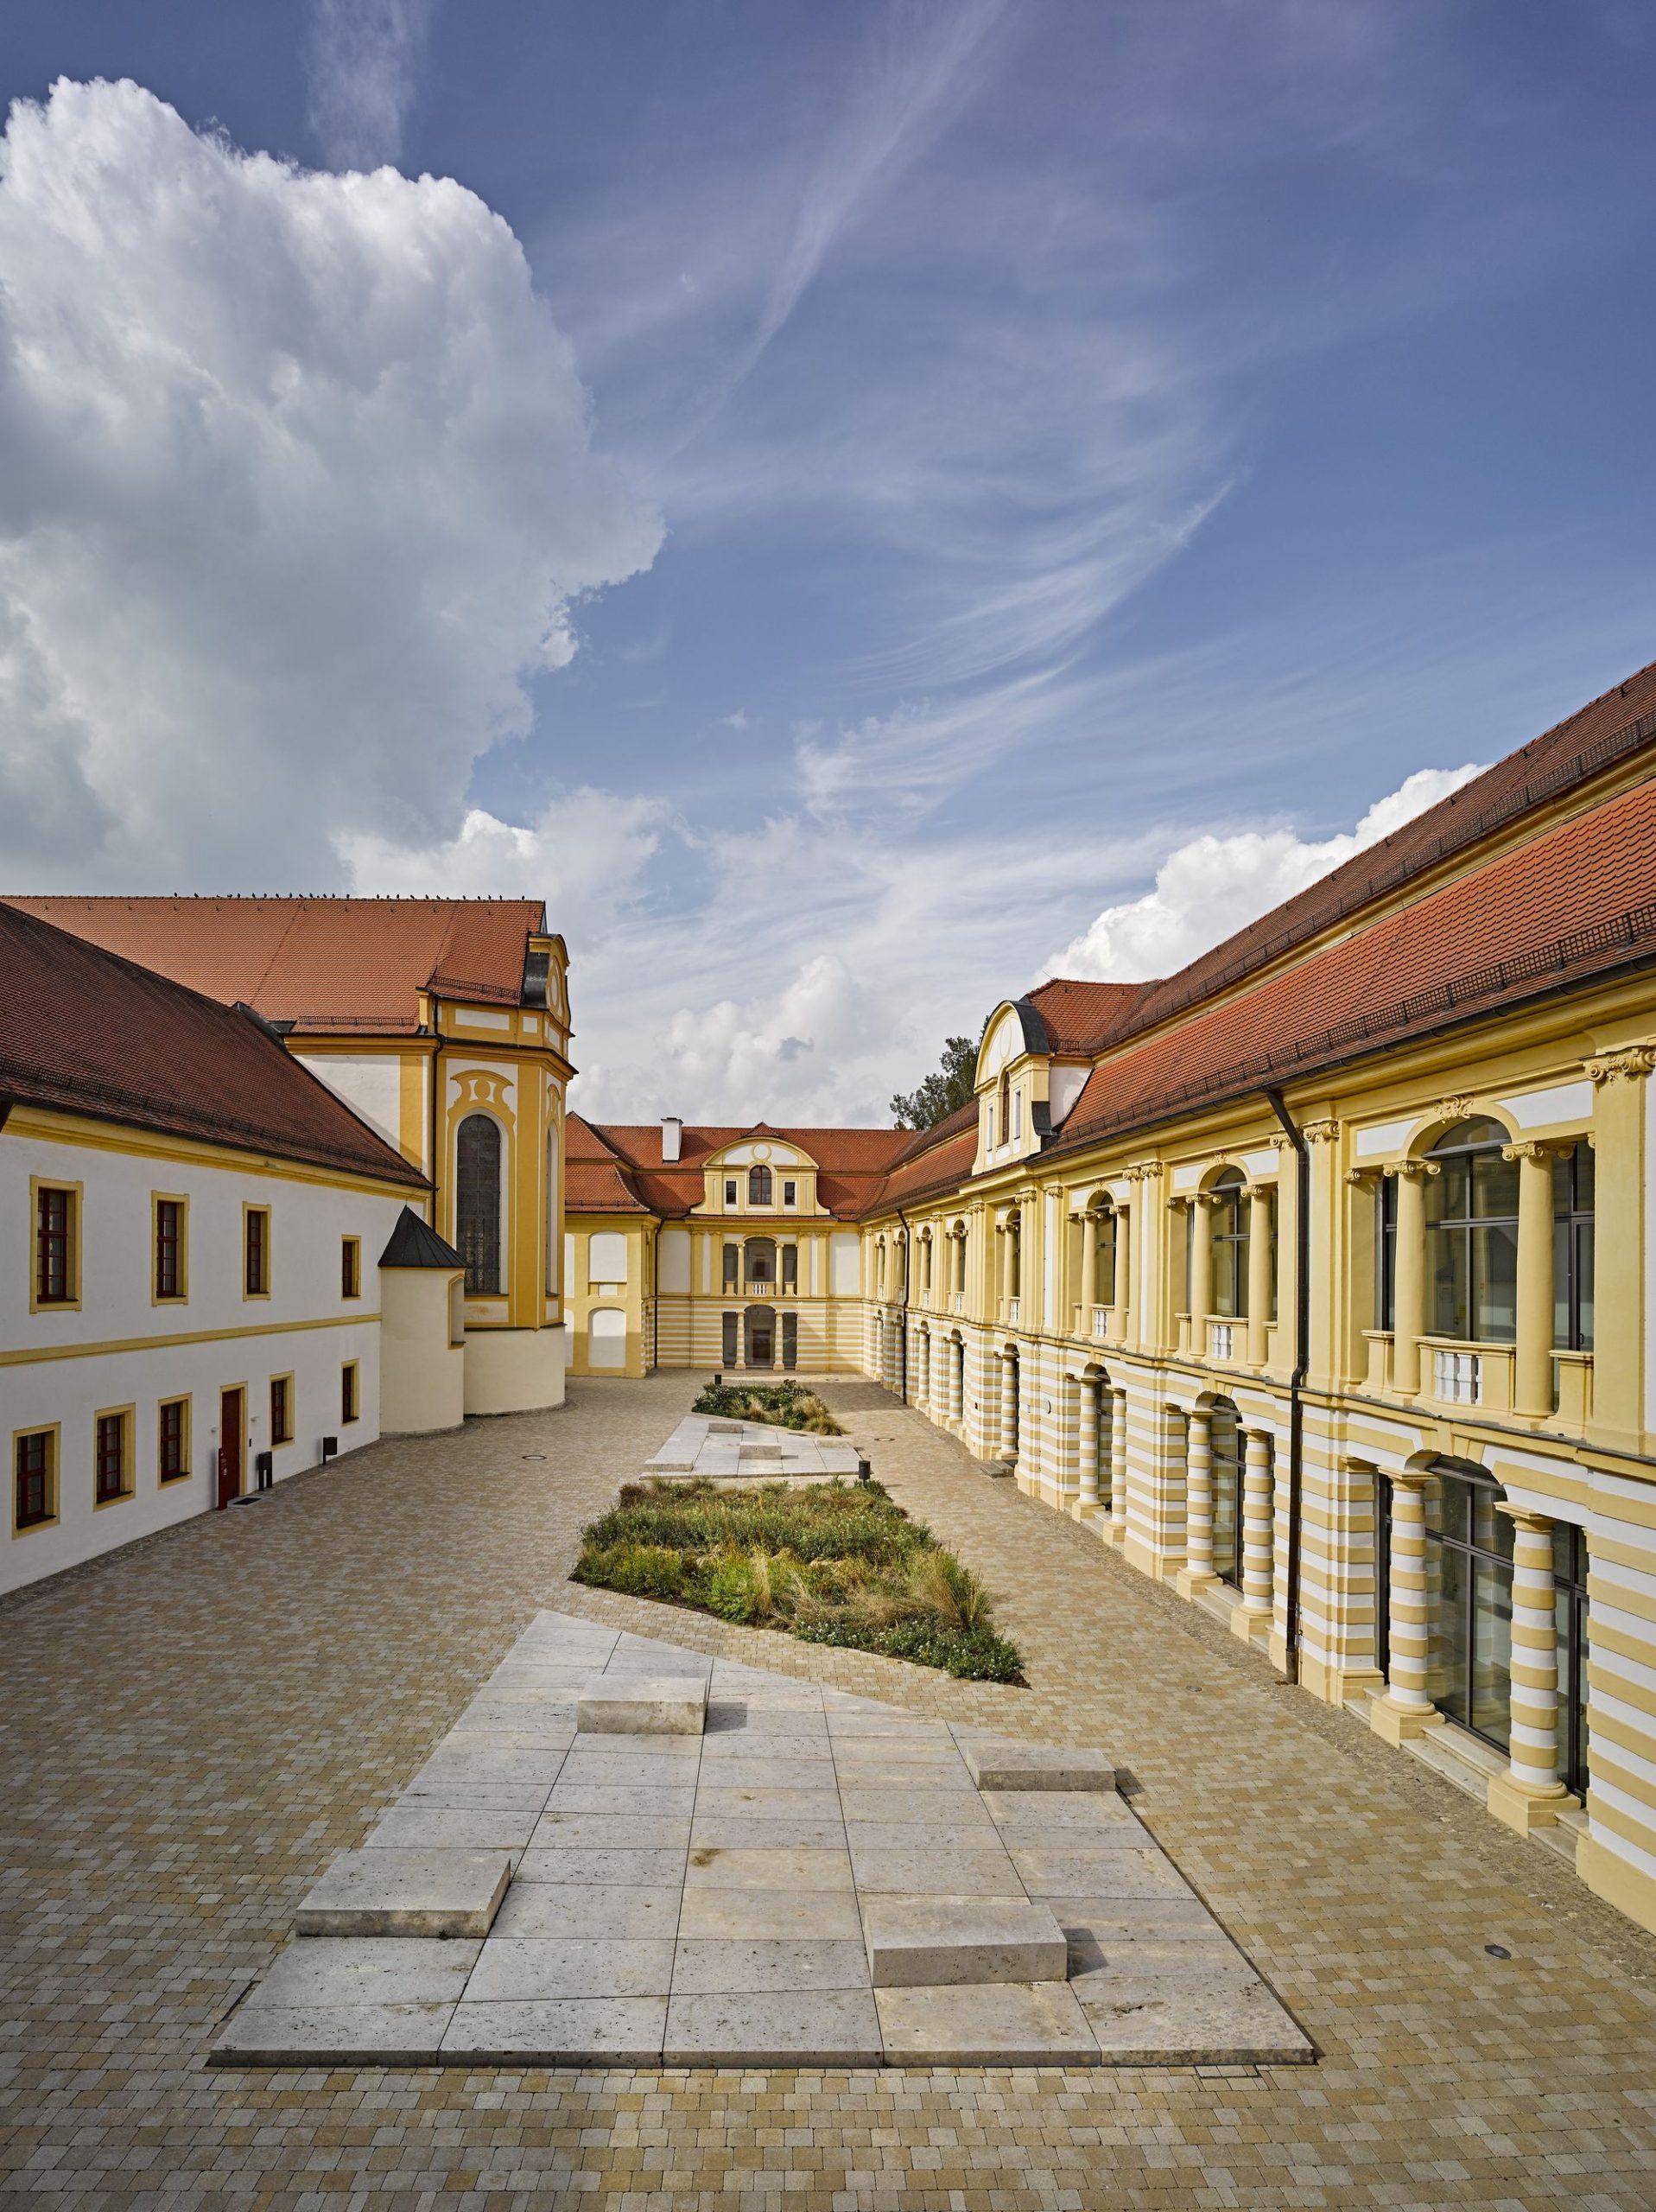 Realschulen in Eichstätt-Rebdorf – BA 3 Gabrielihof